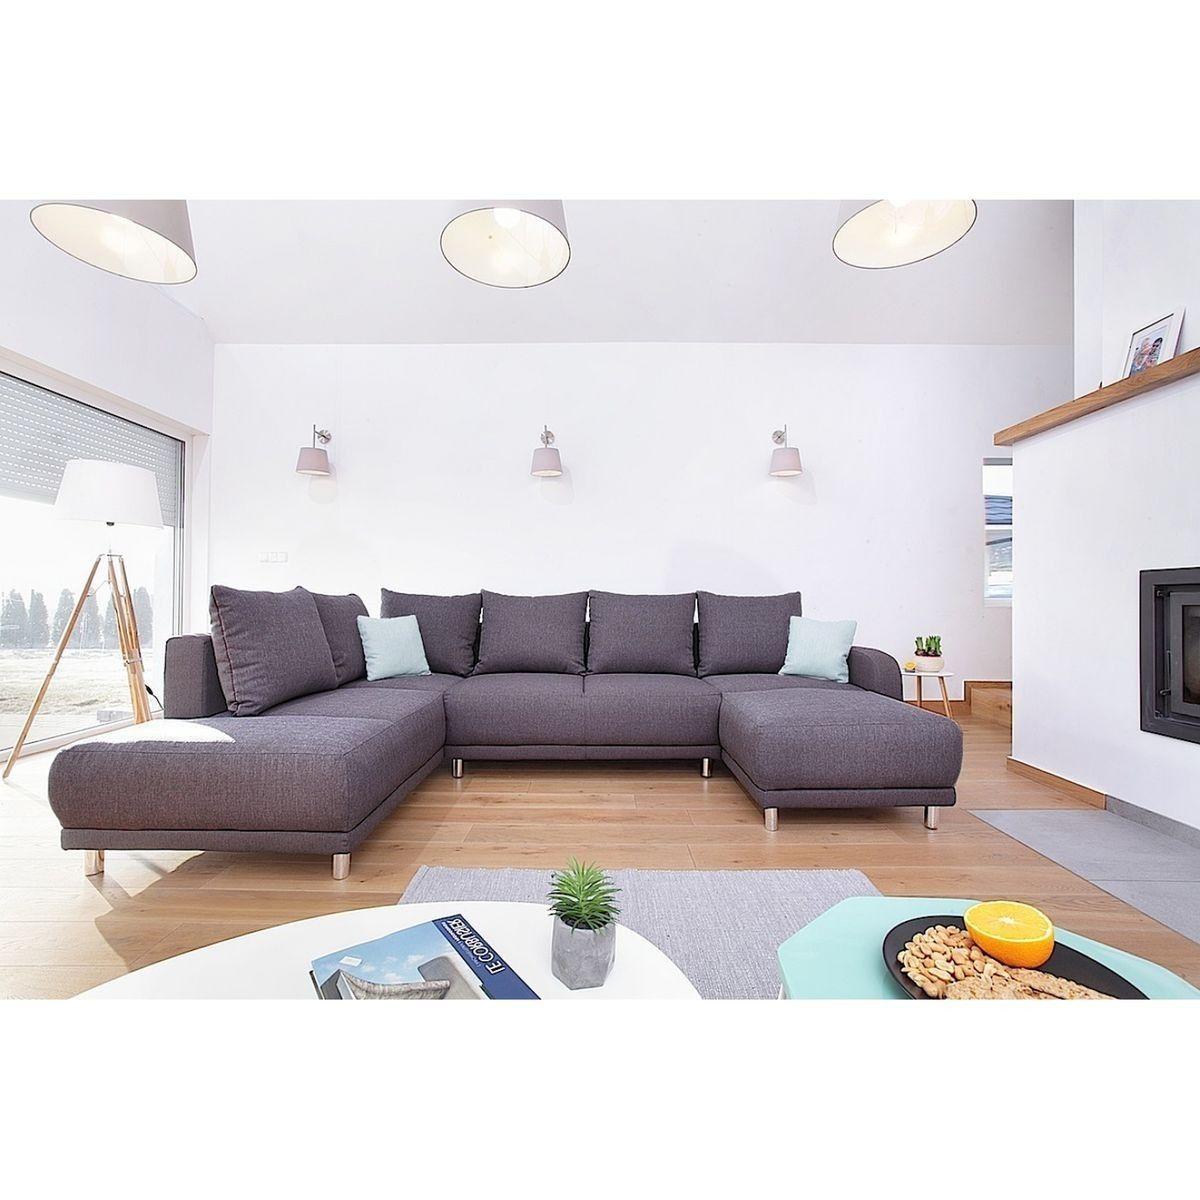 best minty panoramique gauche canap duangle convertible bobochic gris est la premire marque de. Black Bedroom Furniture Sets. Home Design Ideas